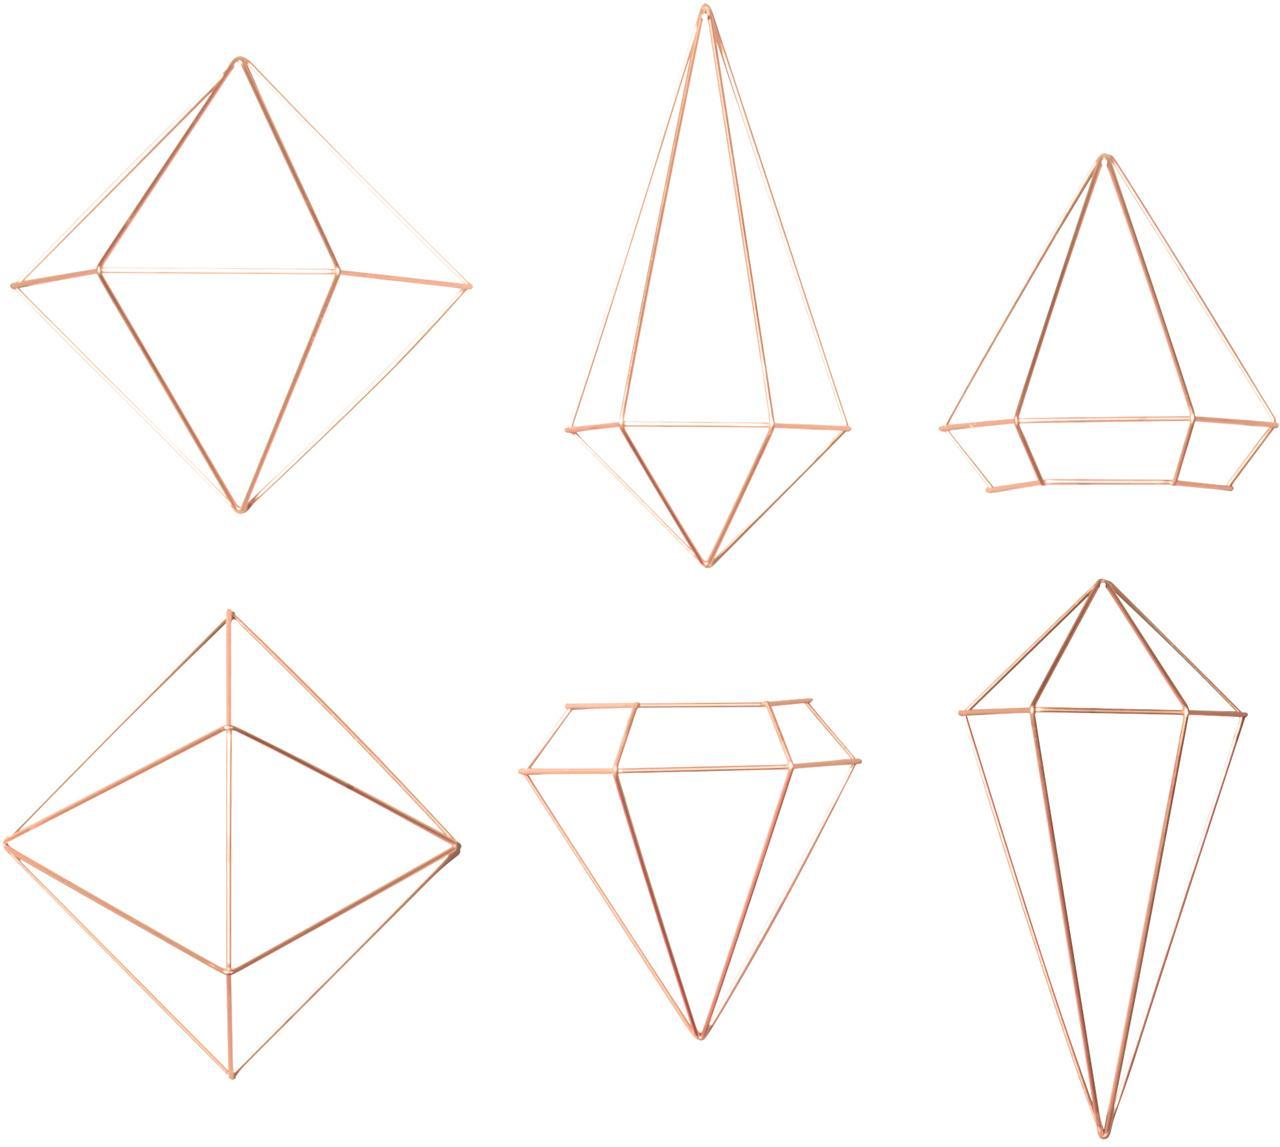 Wandobjectenset Prisma van gelakt metaal, 6-delig, Gelakt metaal, Koperkleurig, Set met verschillende formaten